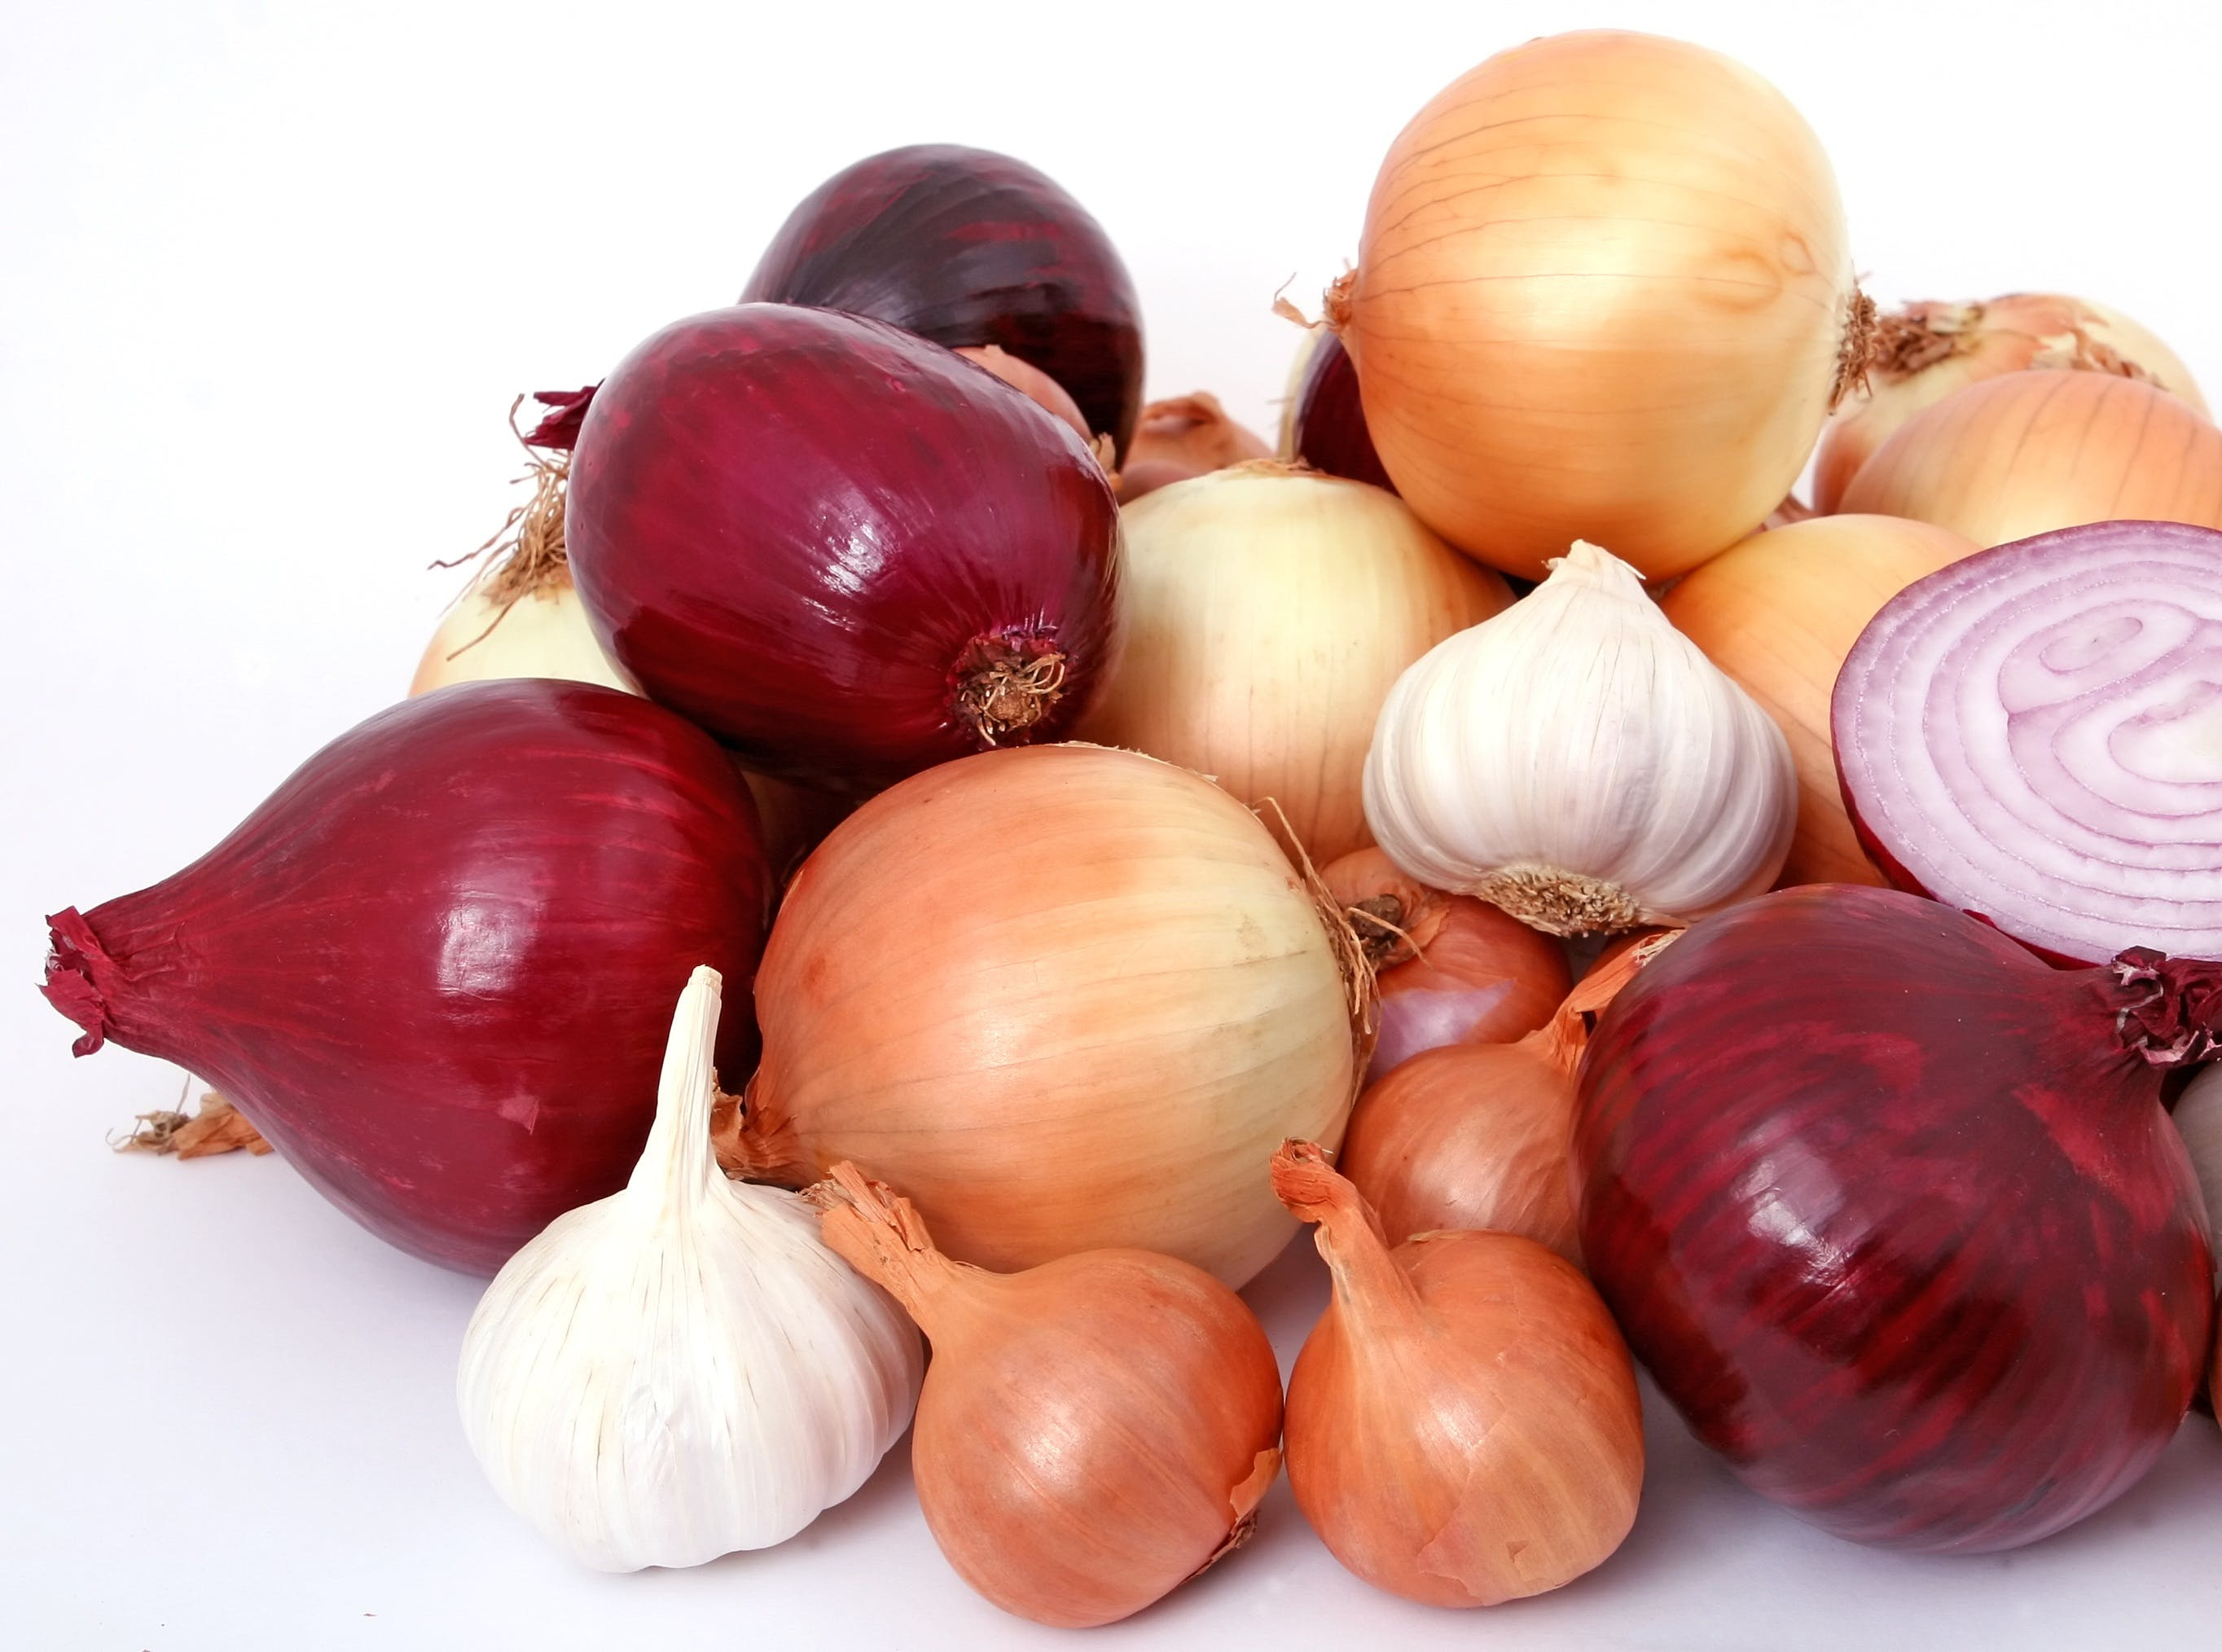 de ajo, blanco, bombilla, cebolla